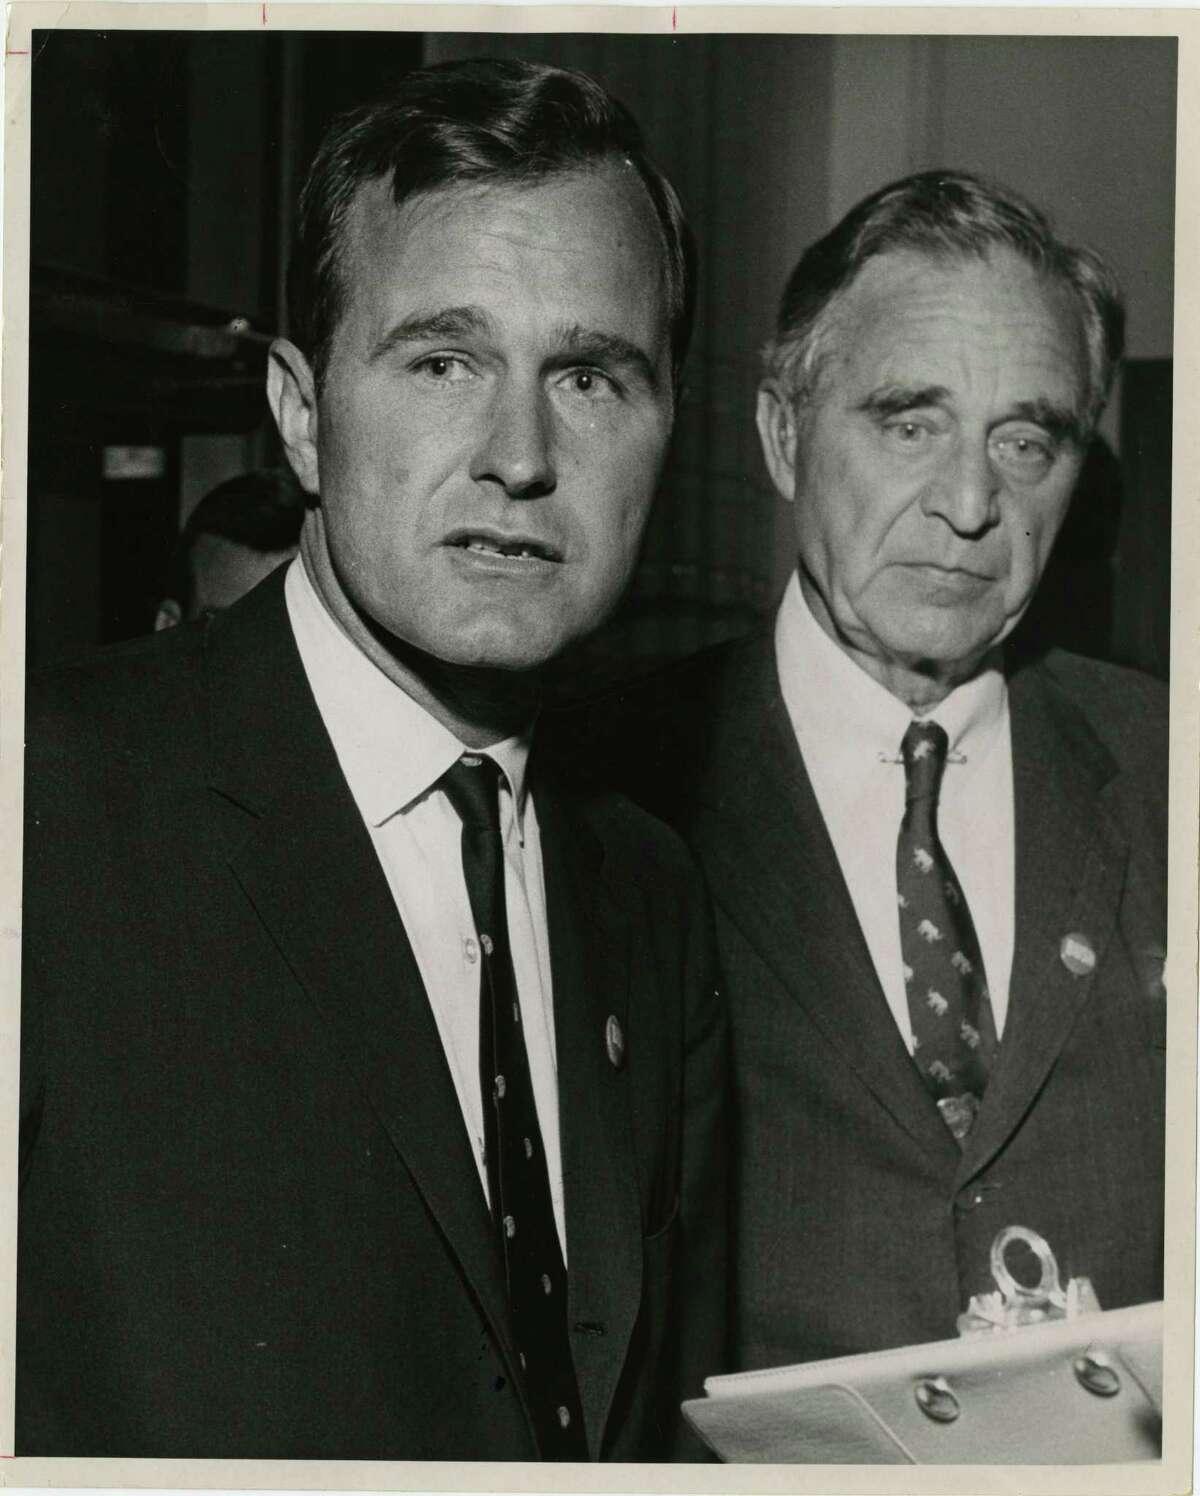 1950: Prescott's failed Senate bid Prescott Bush, father of George H.W. Bush, lost his first race for a Connecticut Senate seat to Democrat William Benton.